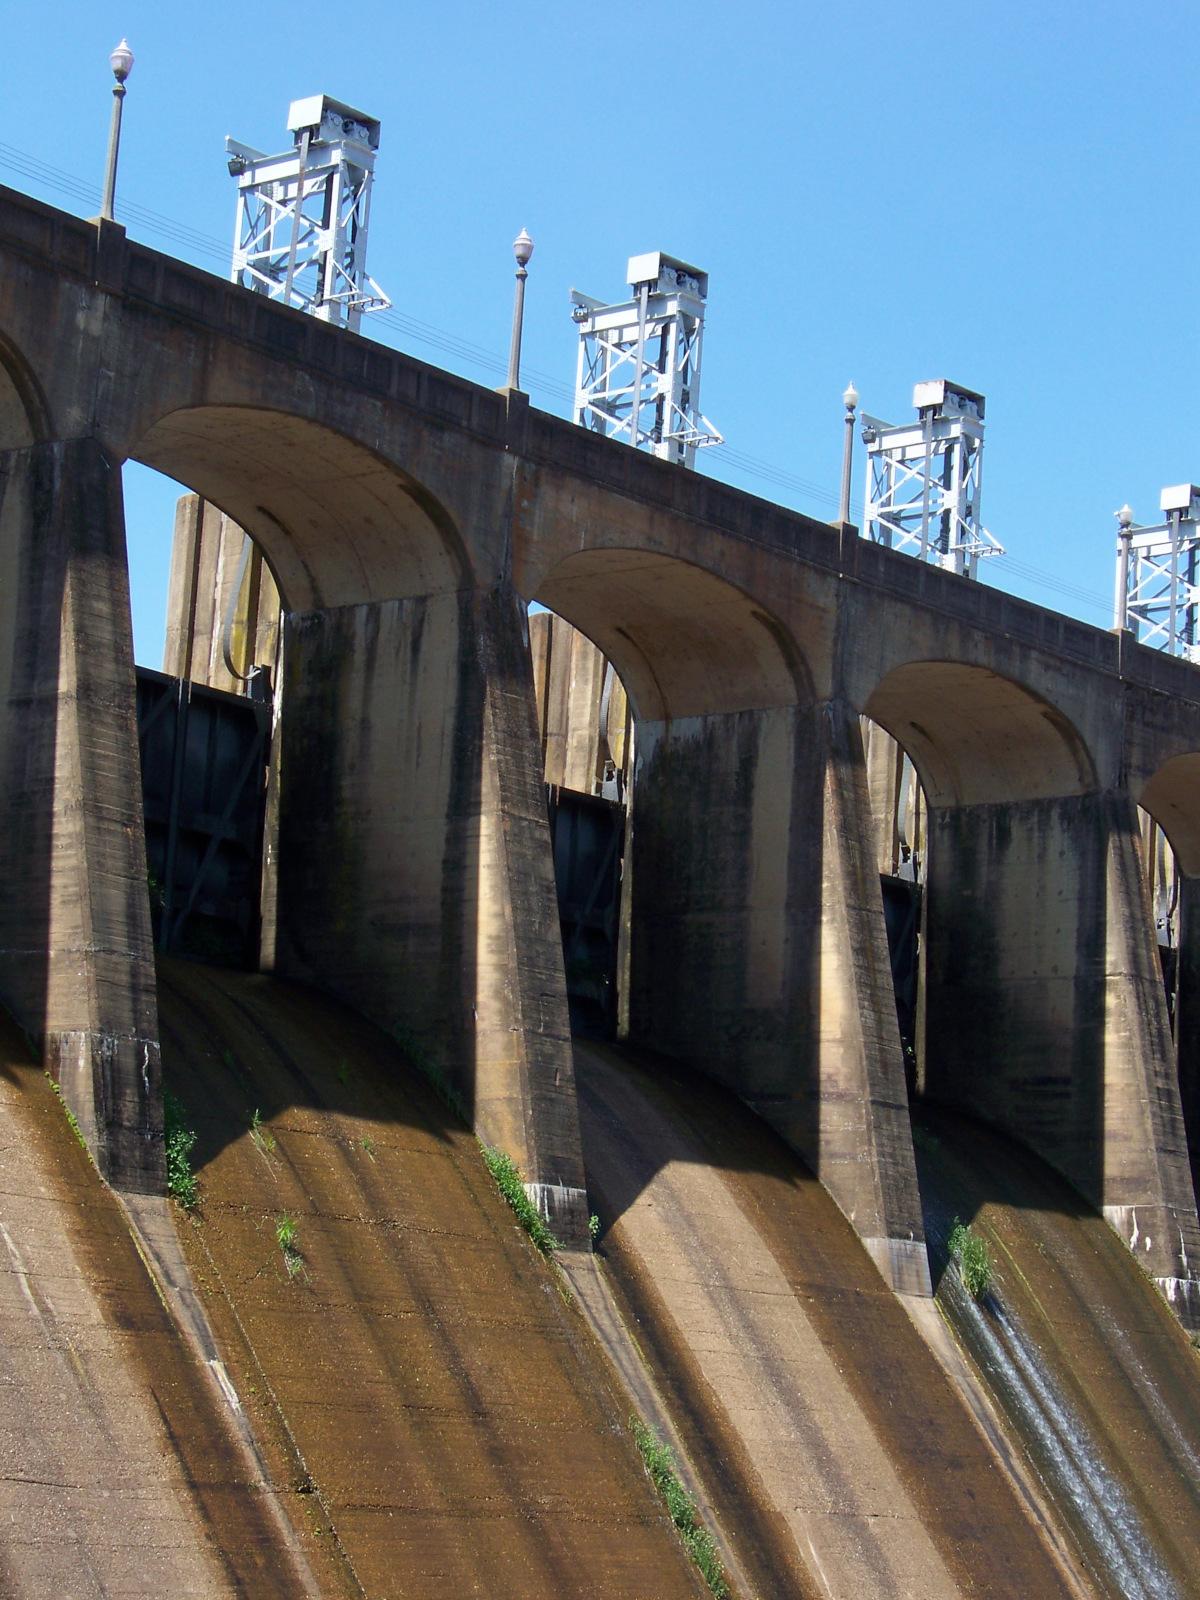 Jordan Dam spillways